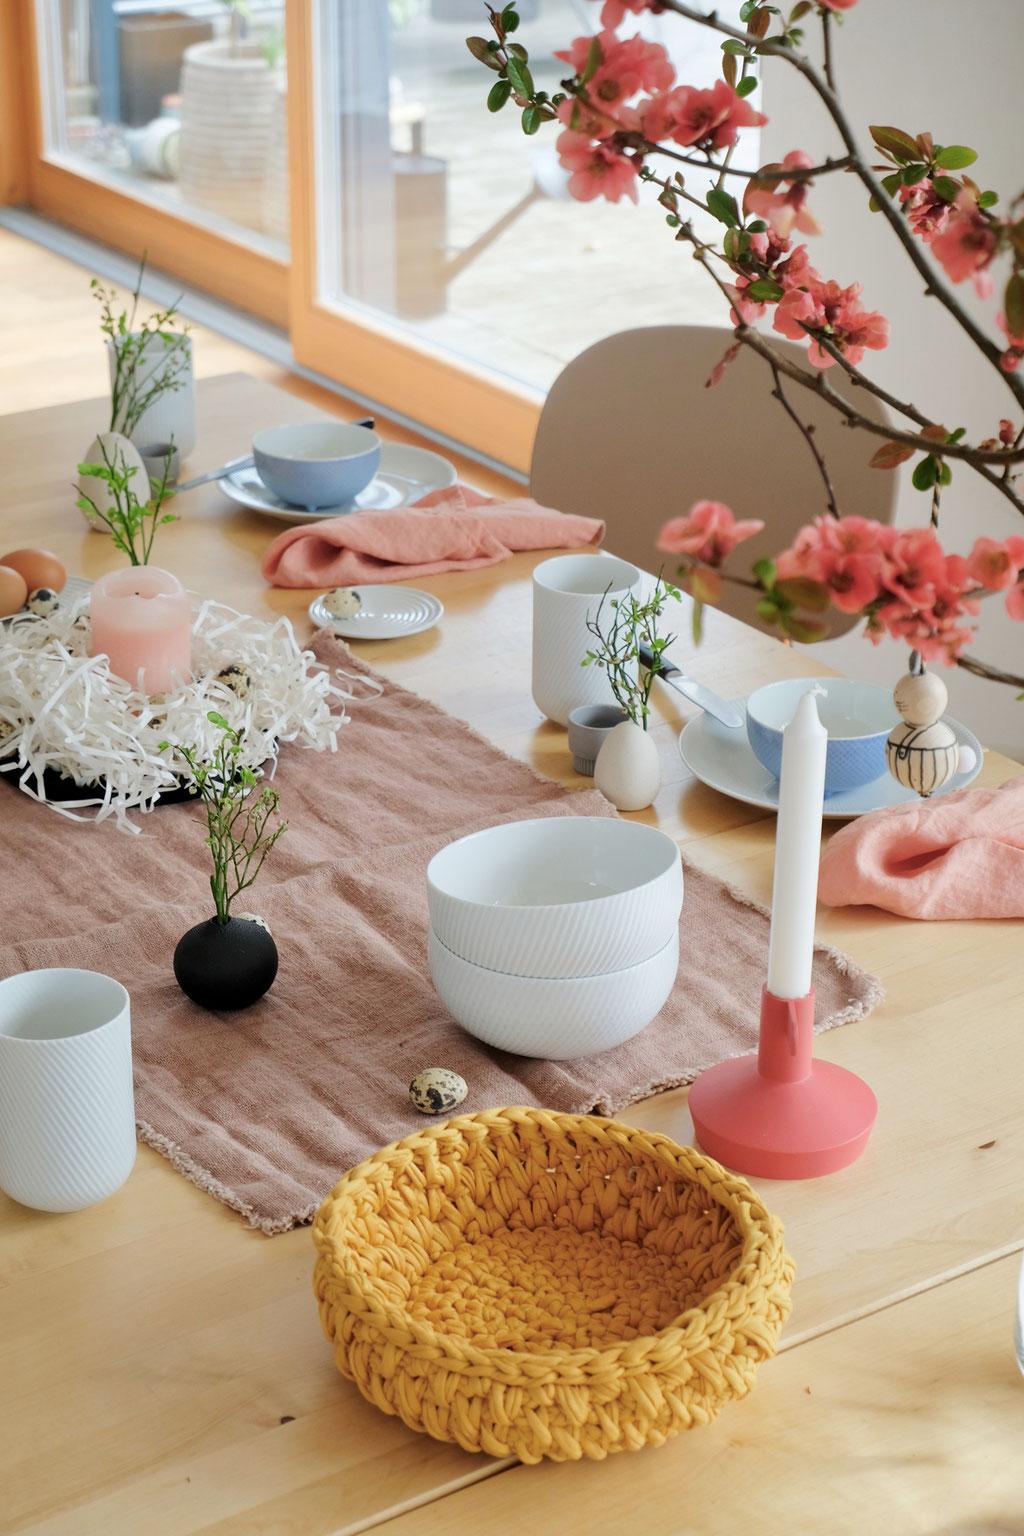 dieartigeBLOG - Ostern -Tischdekoration; Koralle + Senfgelb, als bunte Farbkleckse - von Normann Copenhagen + Lumikello